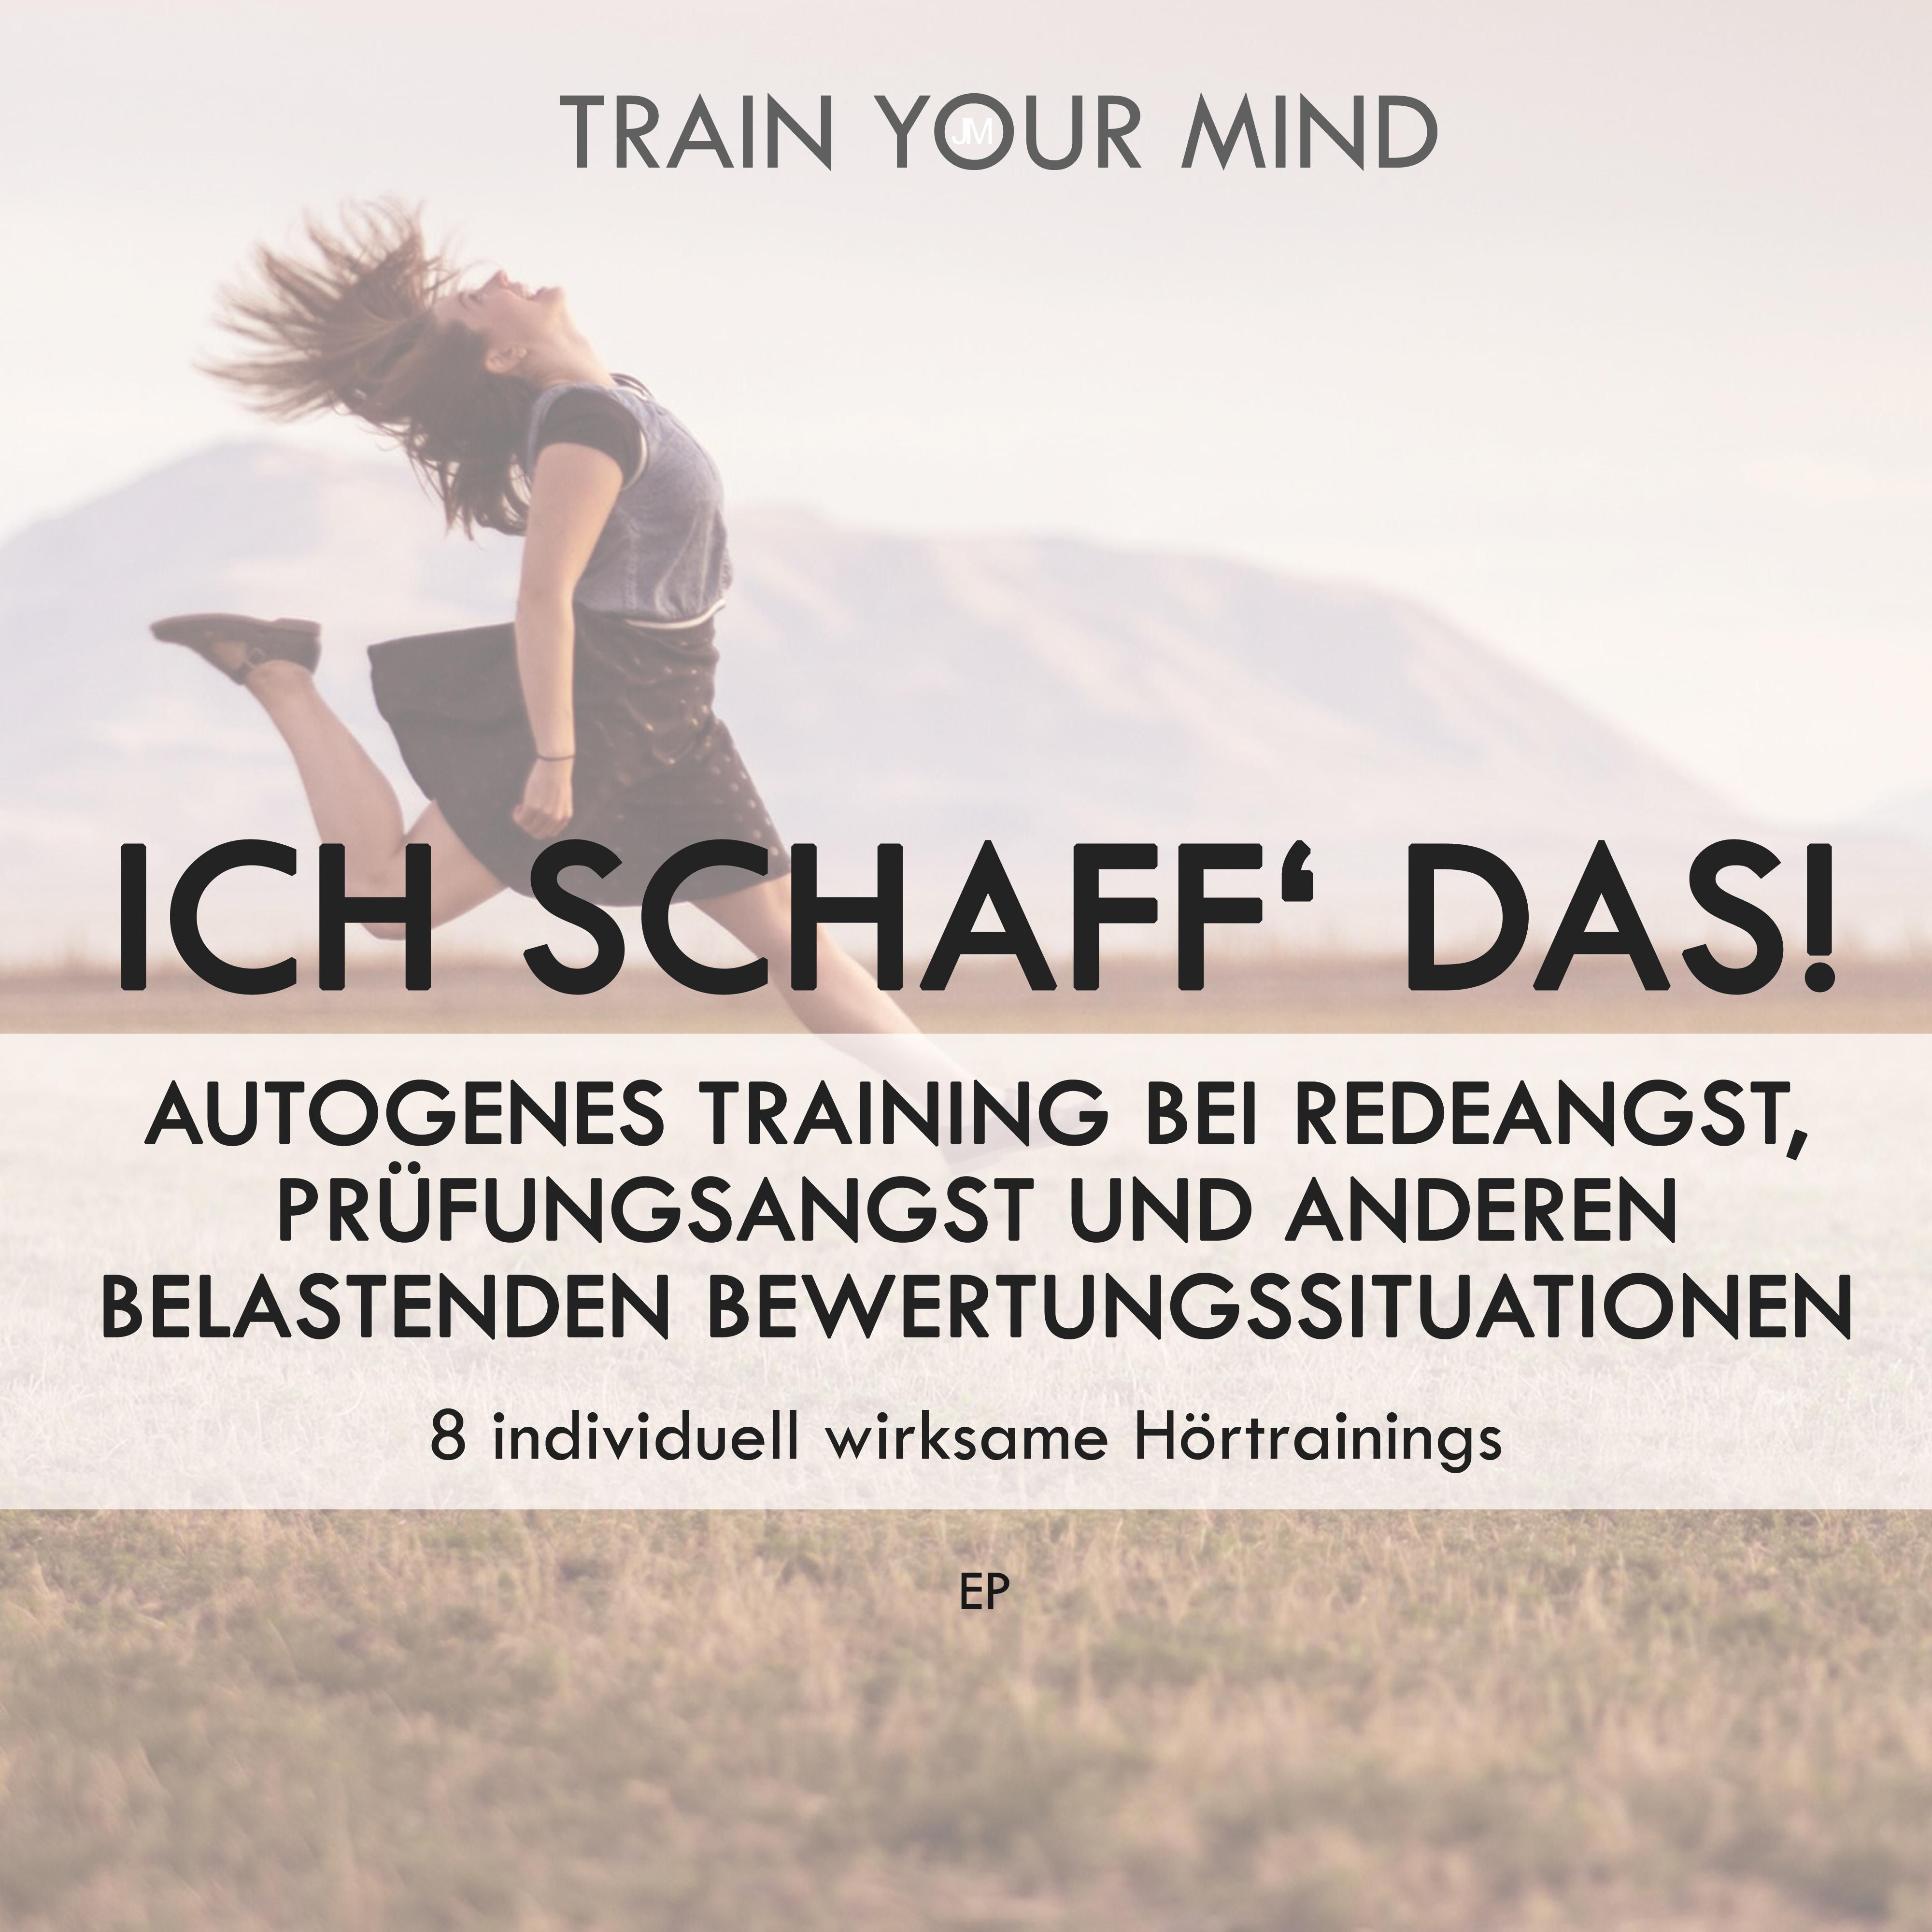 Autogenes Training gegen Angst vor Prüfungen: Album Ich schaff das!